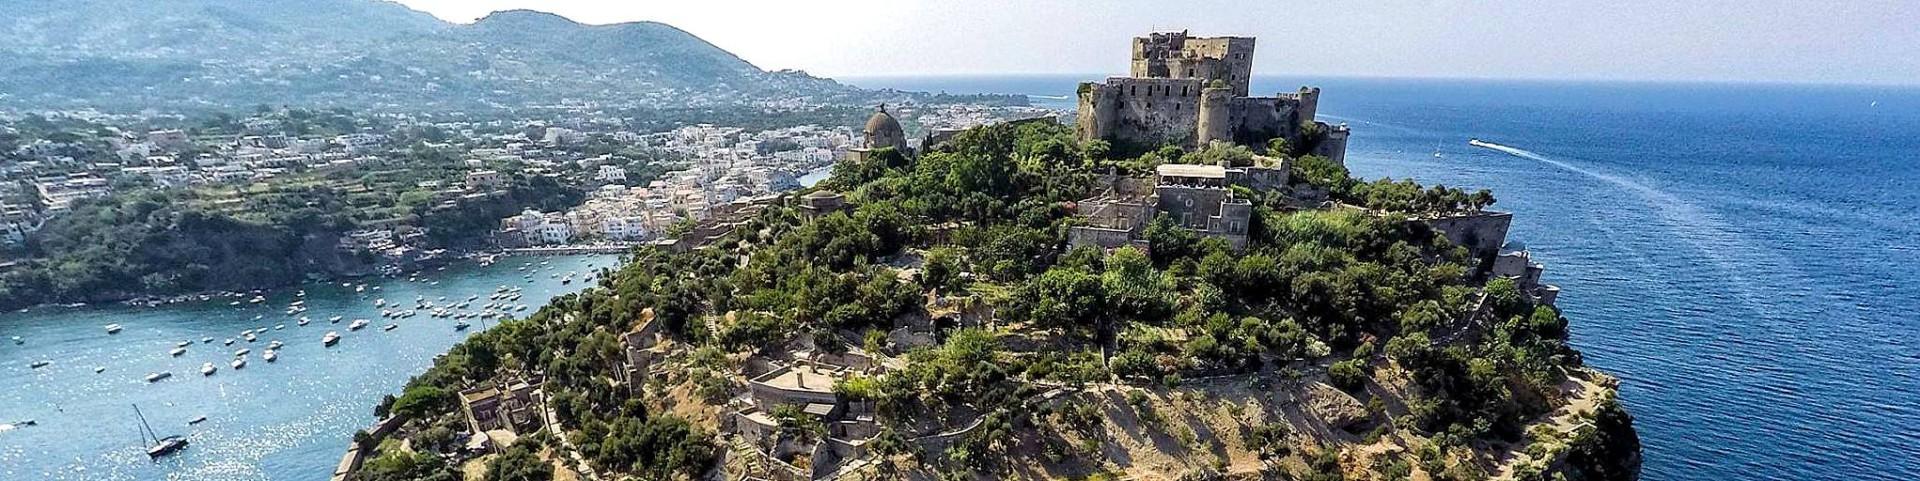 Ischia a v popředí Aragonský hrad (autor: Luigi Conte)